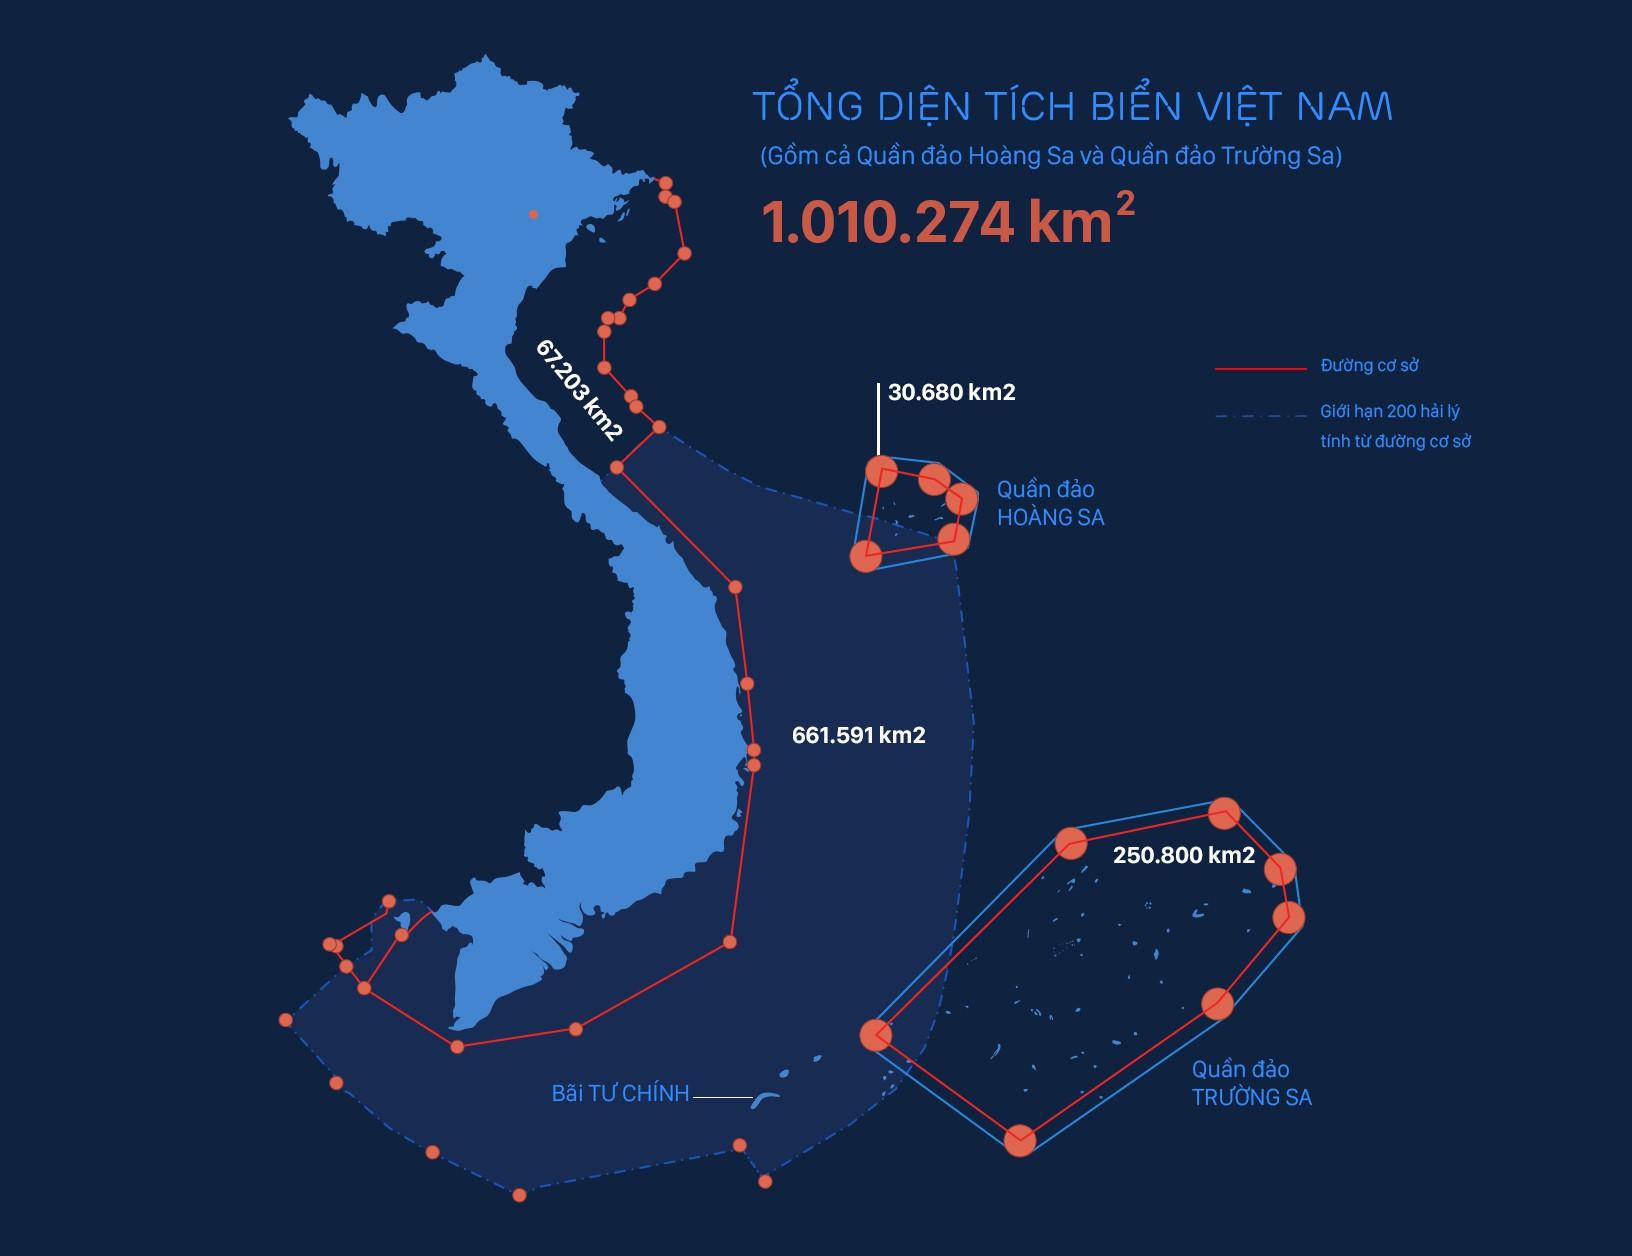 Xâm phạm vùng biển Việt Nam, Trung Quốc đang mang tư duy bành trướng lục địa ra biển - Ảnh 6.